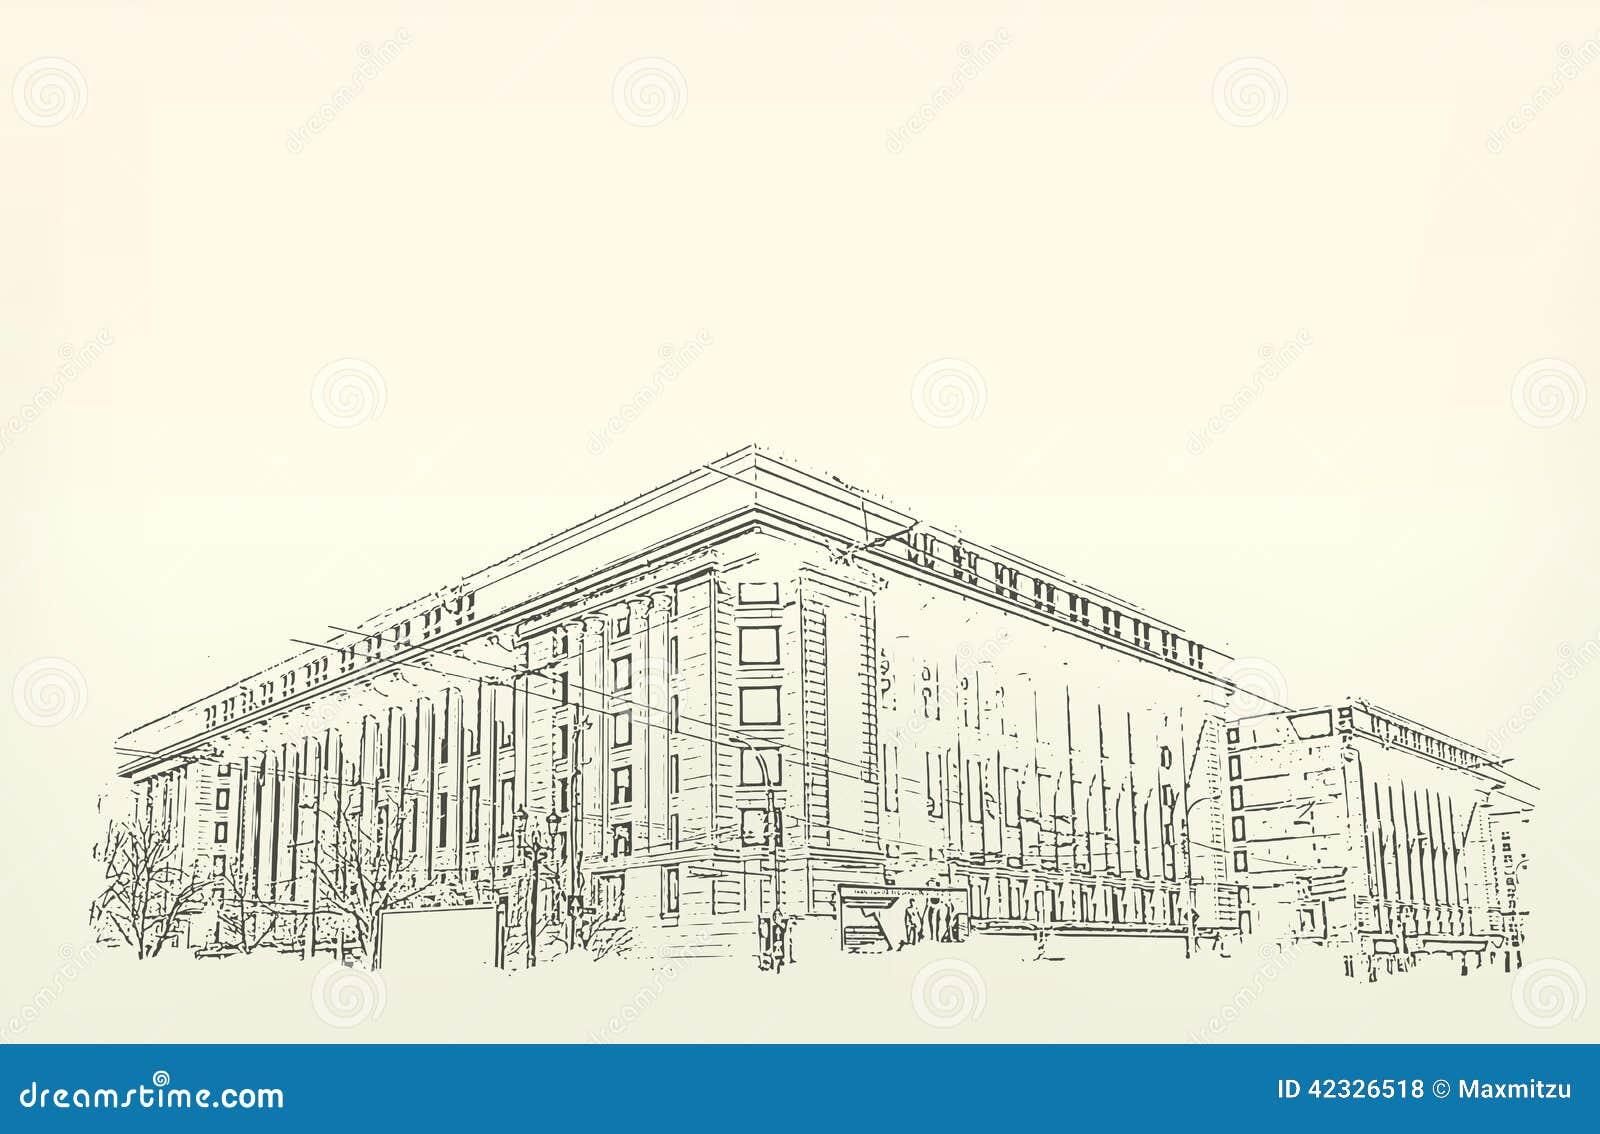 Download Architektur Skizze Zeichnung Des Gebaudes Vektor Abbildung